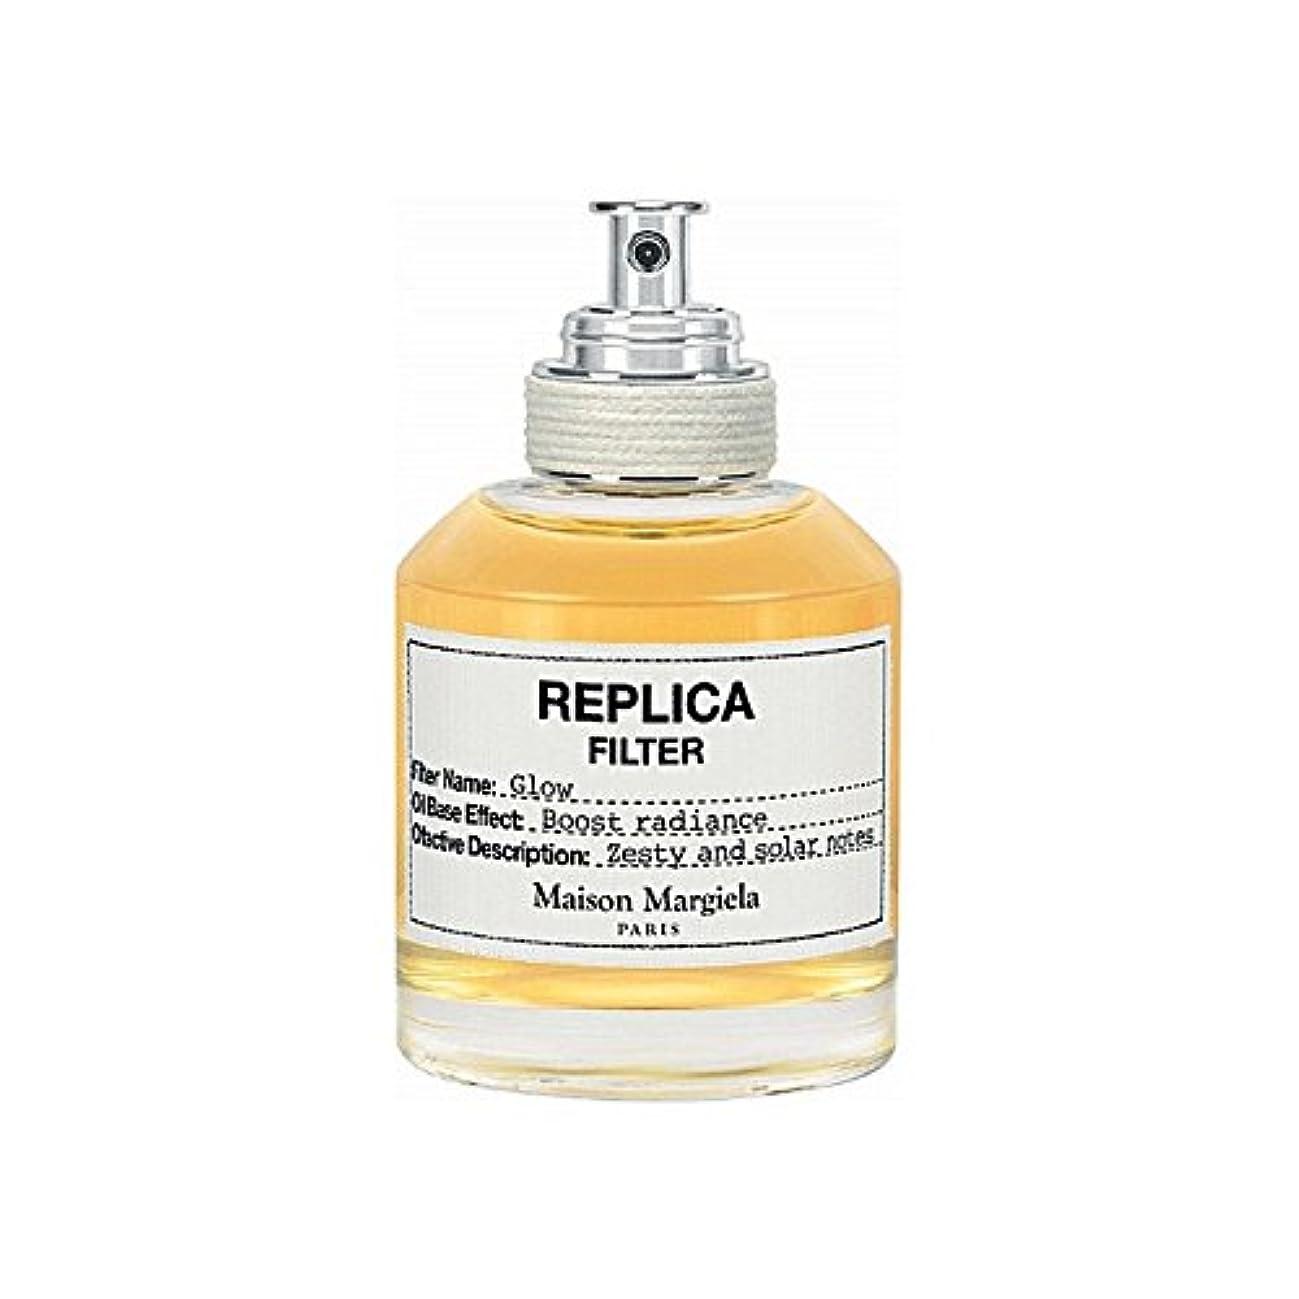 原点該当するボイドMaison Margiela Glow Replica Filter 50ml (Pack of 6) - メゾンマルジェラグローレプリカフィルタ50ミリリットル x6 [並行輸入品]